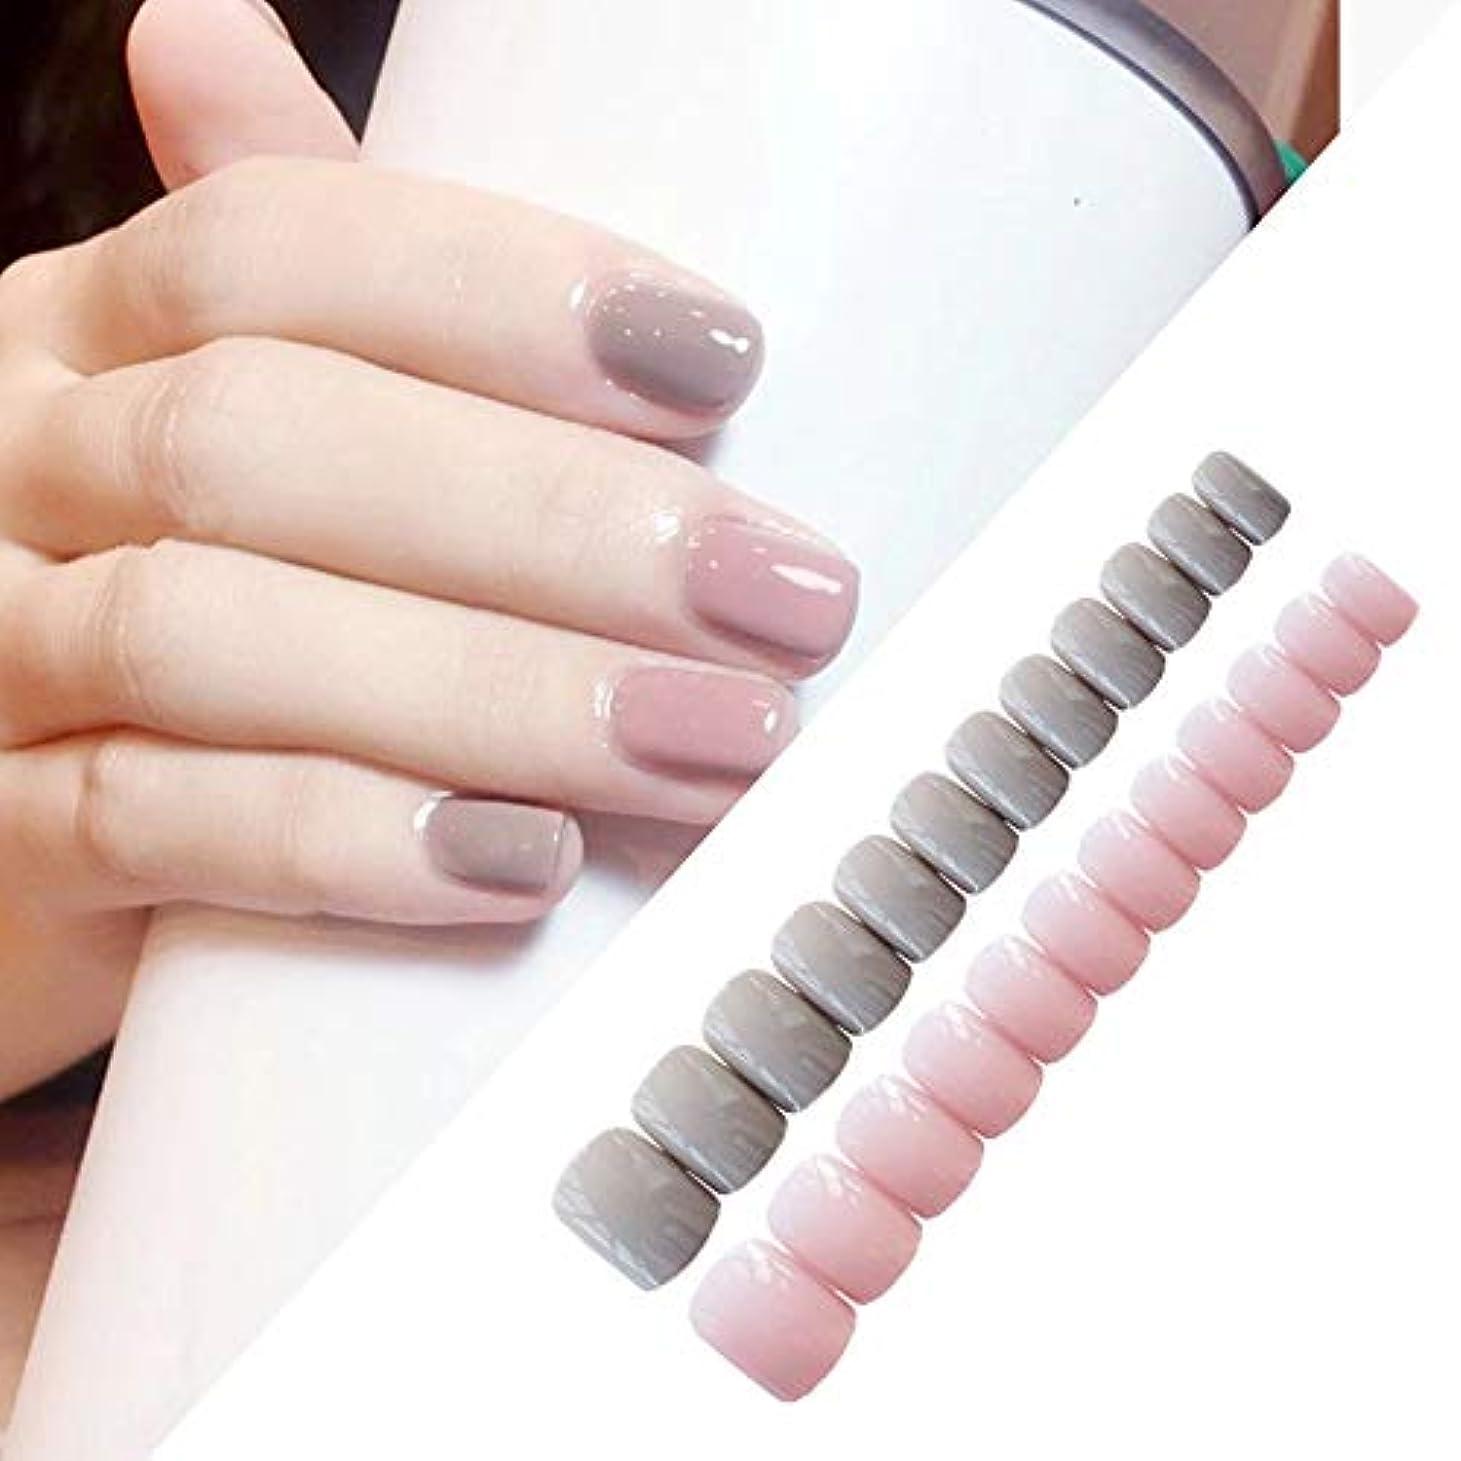 不信近似体細胞XUTXZKA 24個/セットライトグレーパウダースクエアヘッドソリッドカラー偽爪完成ネイルアート偽爪のヒント